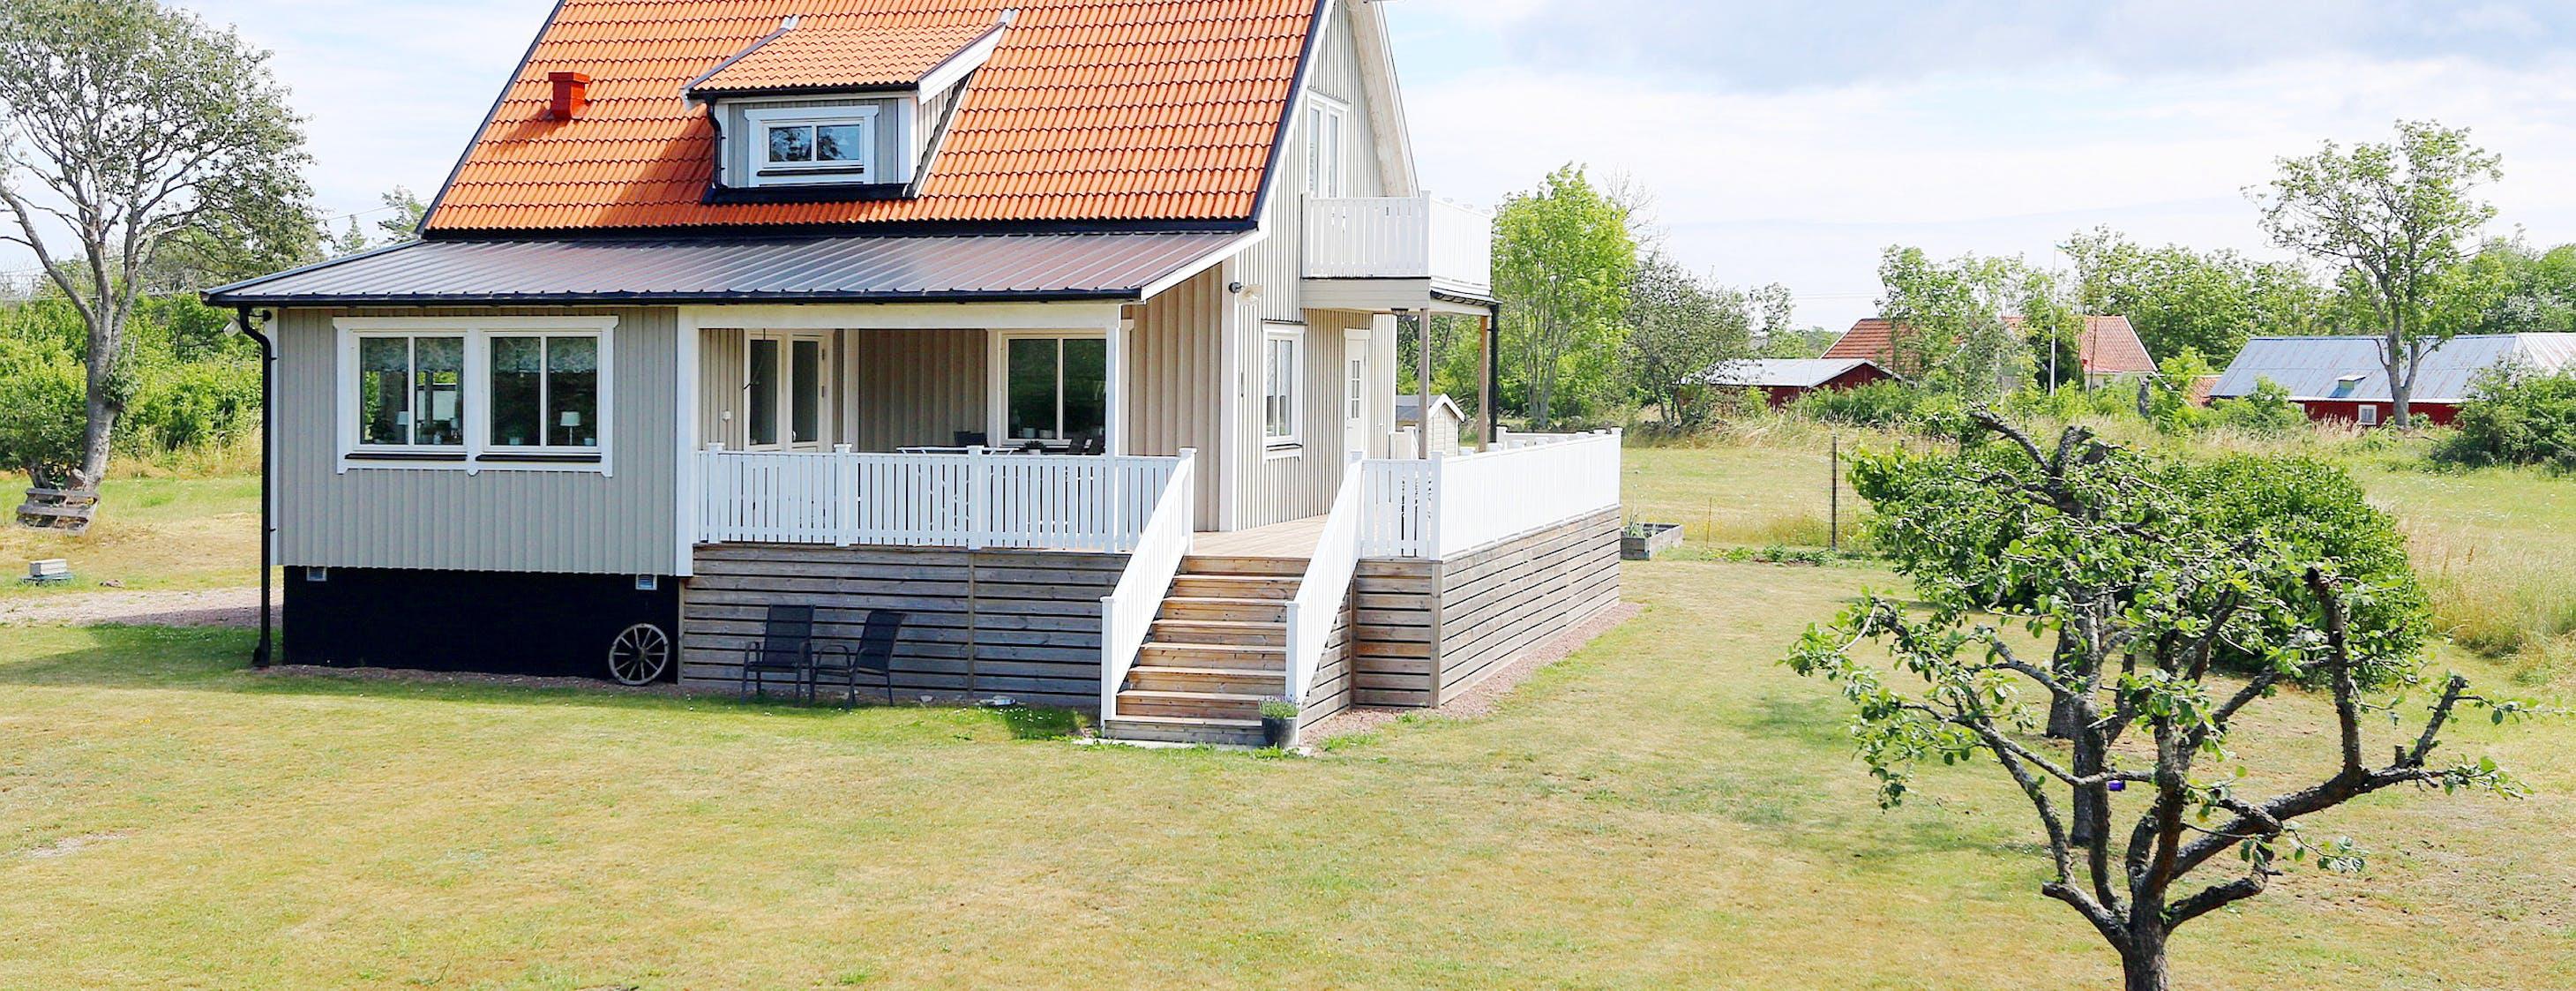 Vässbylundsvägen 4 Vässbylund/Föra